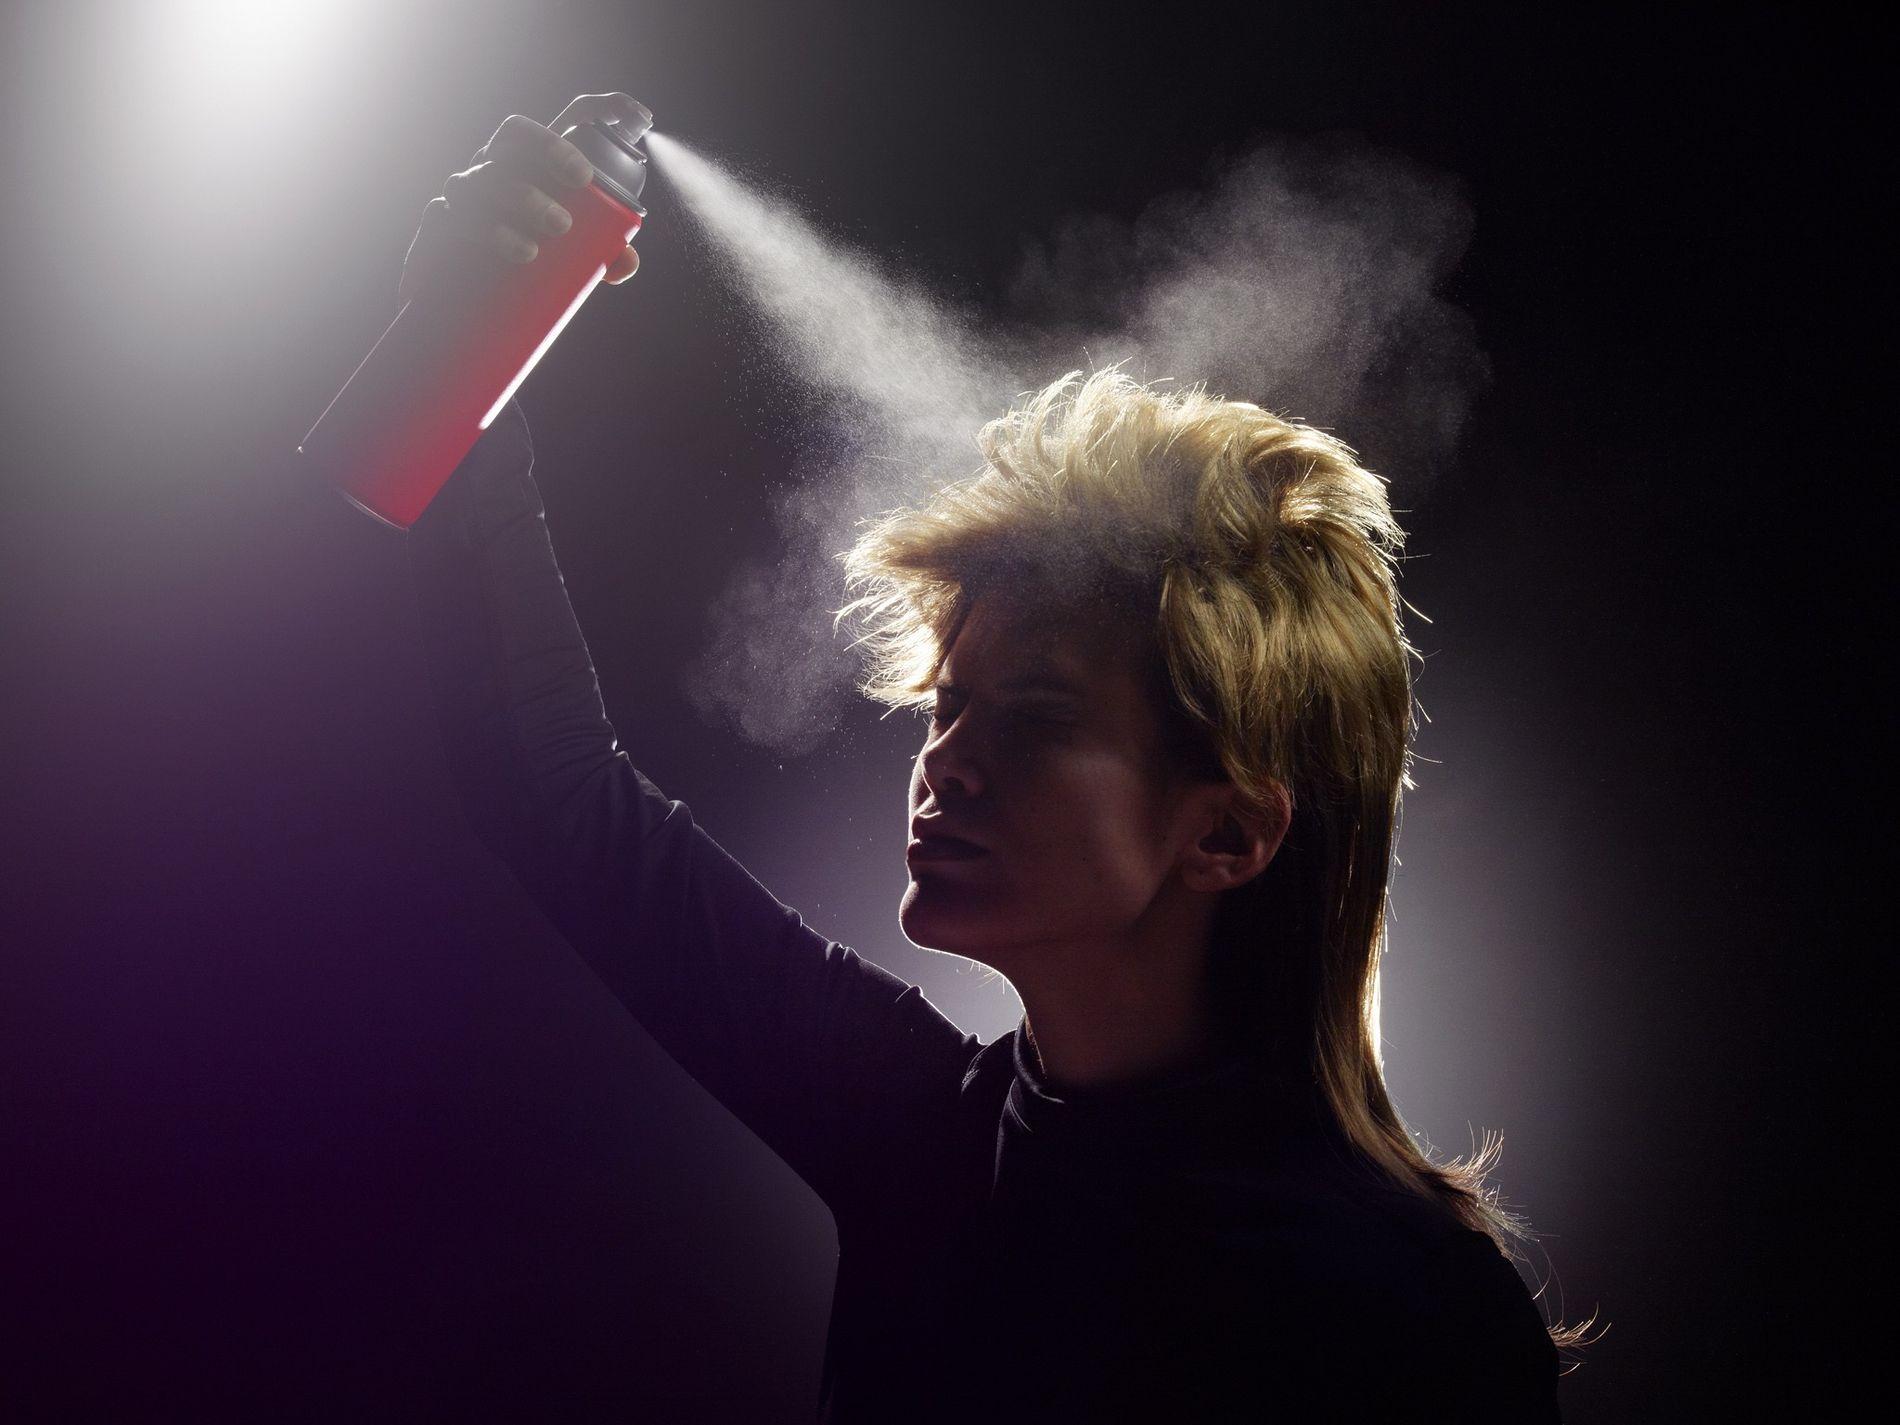 A veces, los envases de aerosoles contienen sustancias denominadas clorofluorocarbonos, o CFC, que agotan la capa ...